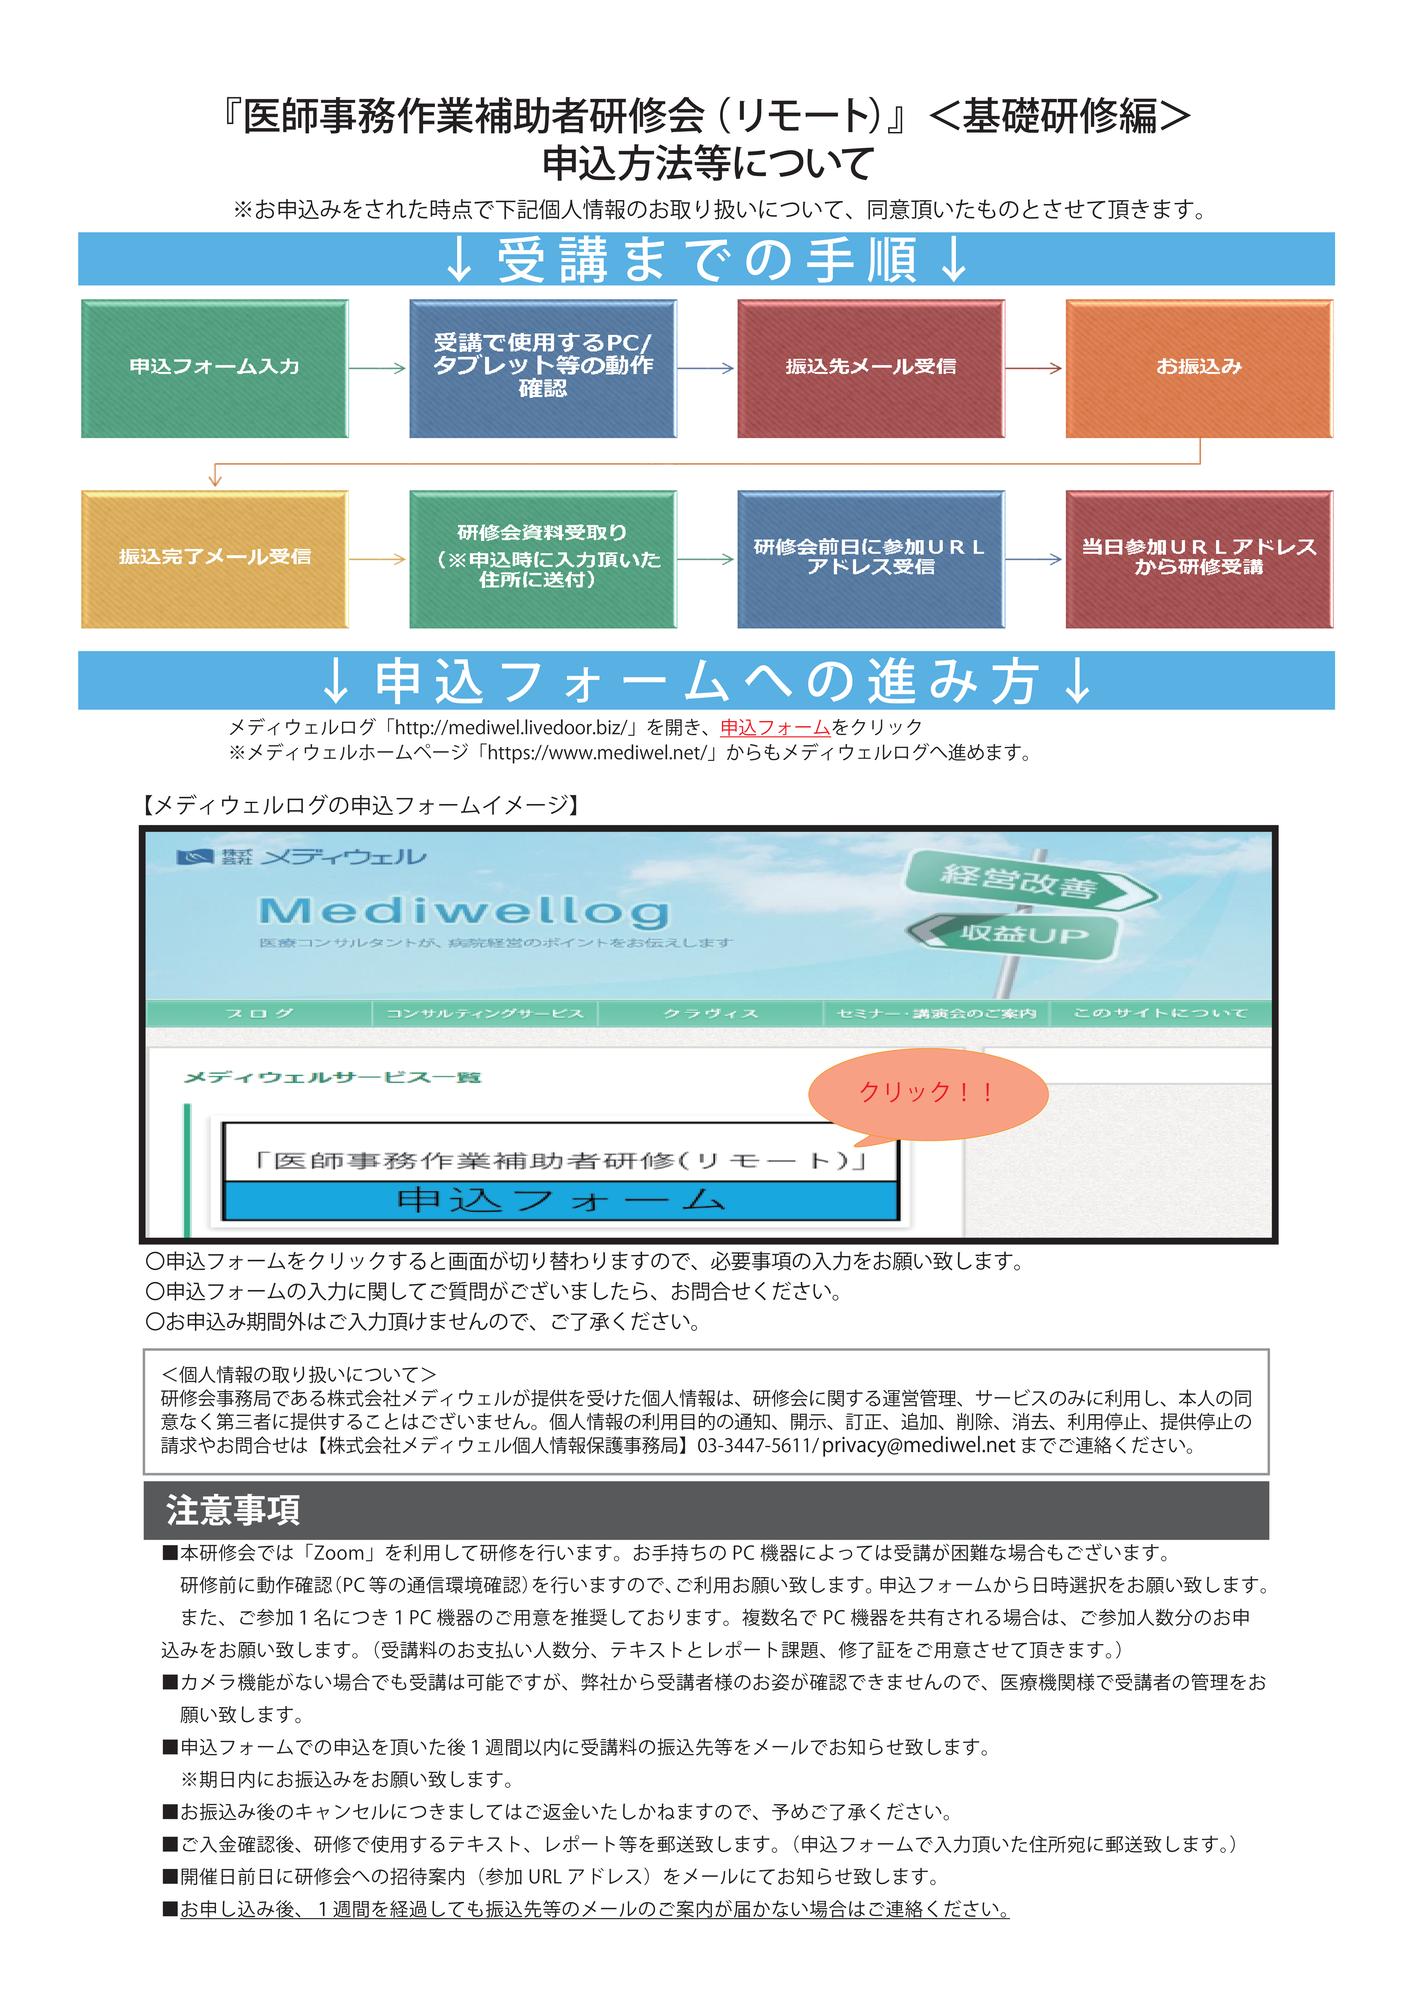 医師事務作業補助者研修2021.5-12申込期間変更-02